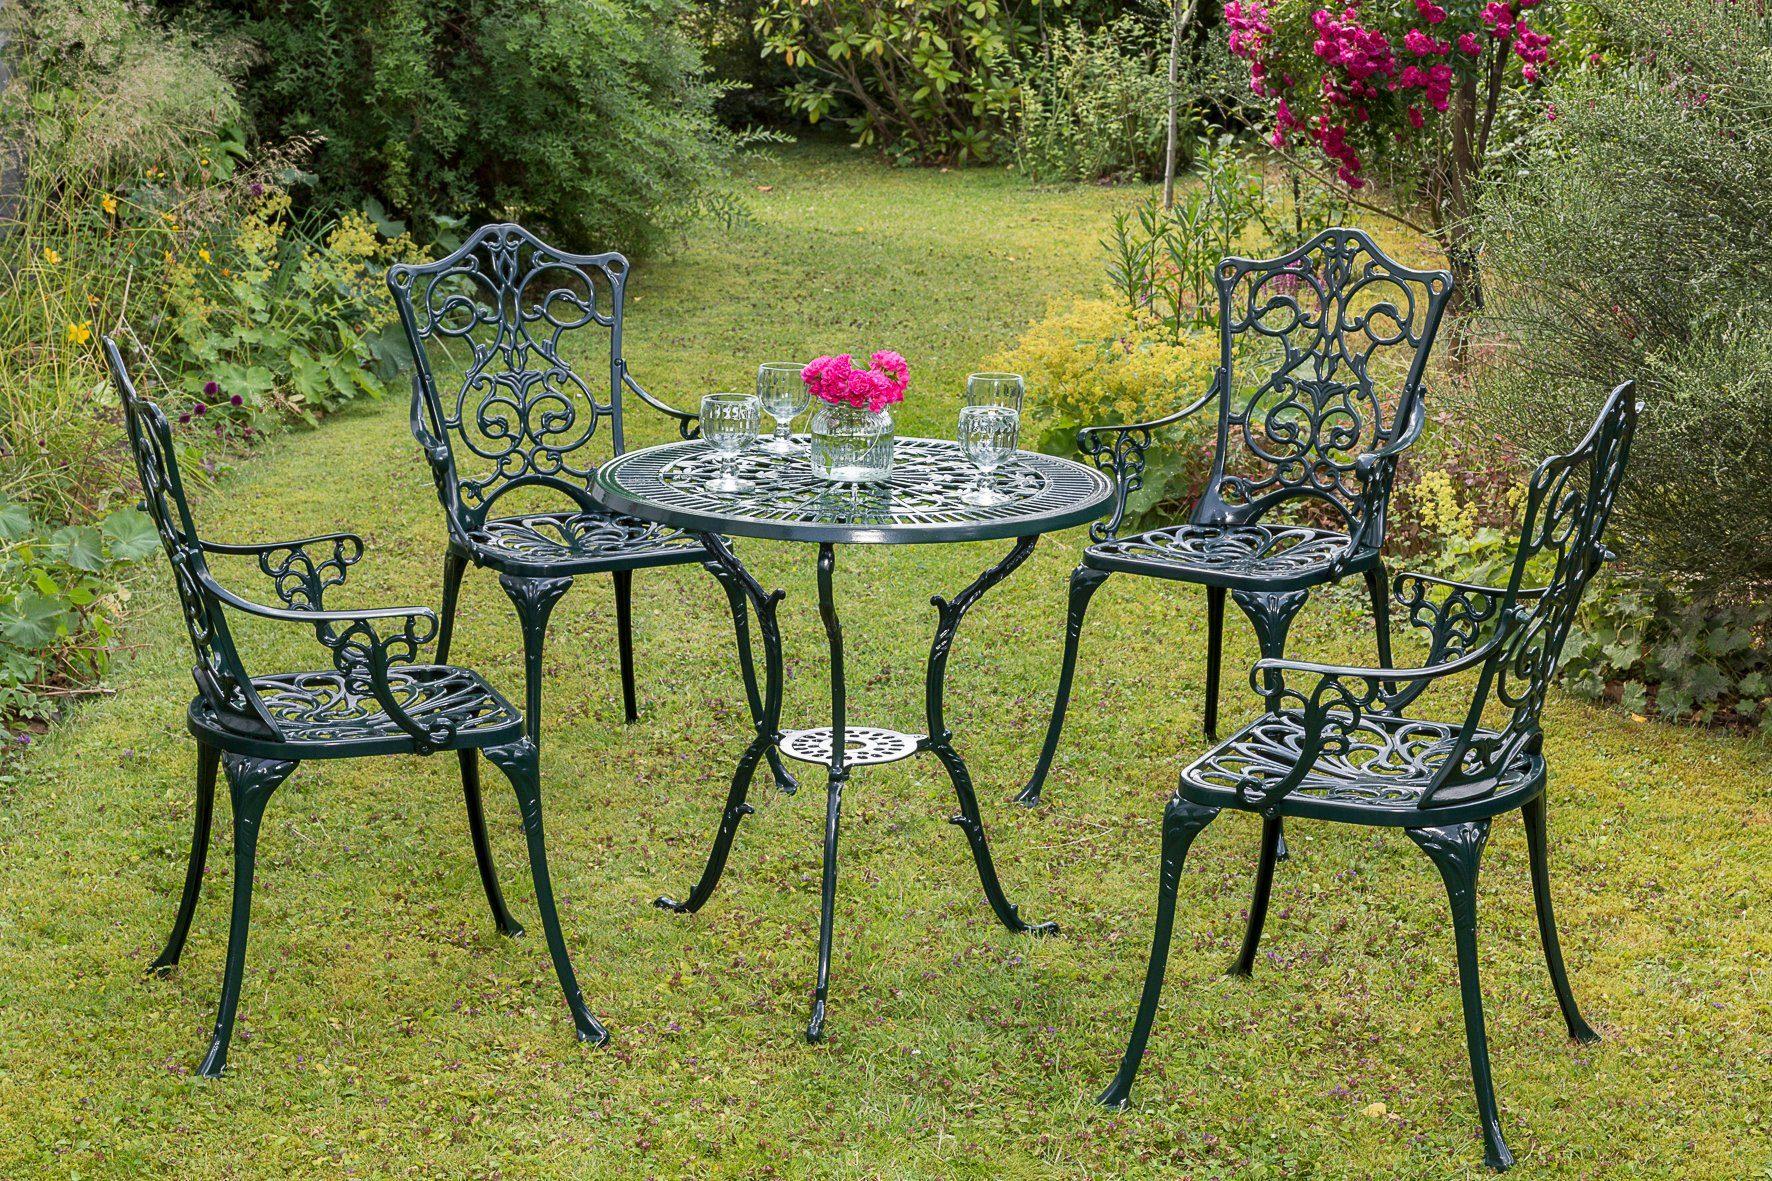 MERXX Gartenmöbelset »Lugano«, 5tlg., 4 Sessel, Tisch, Aluminium